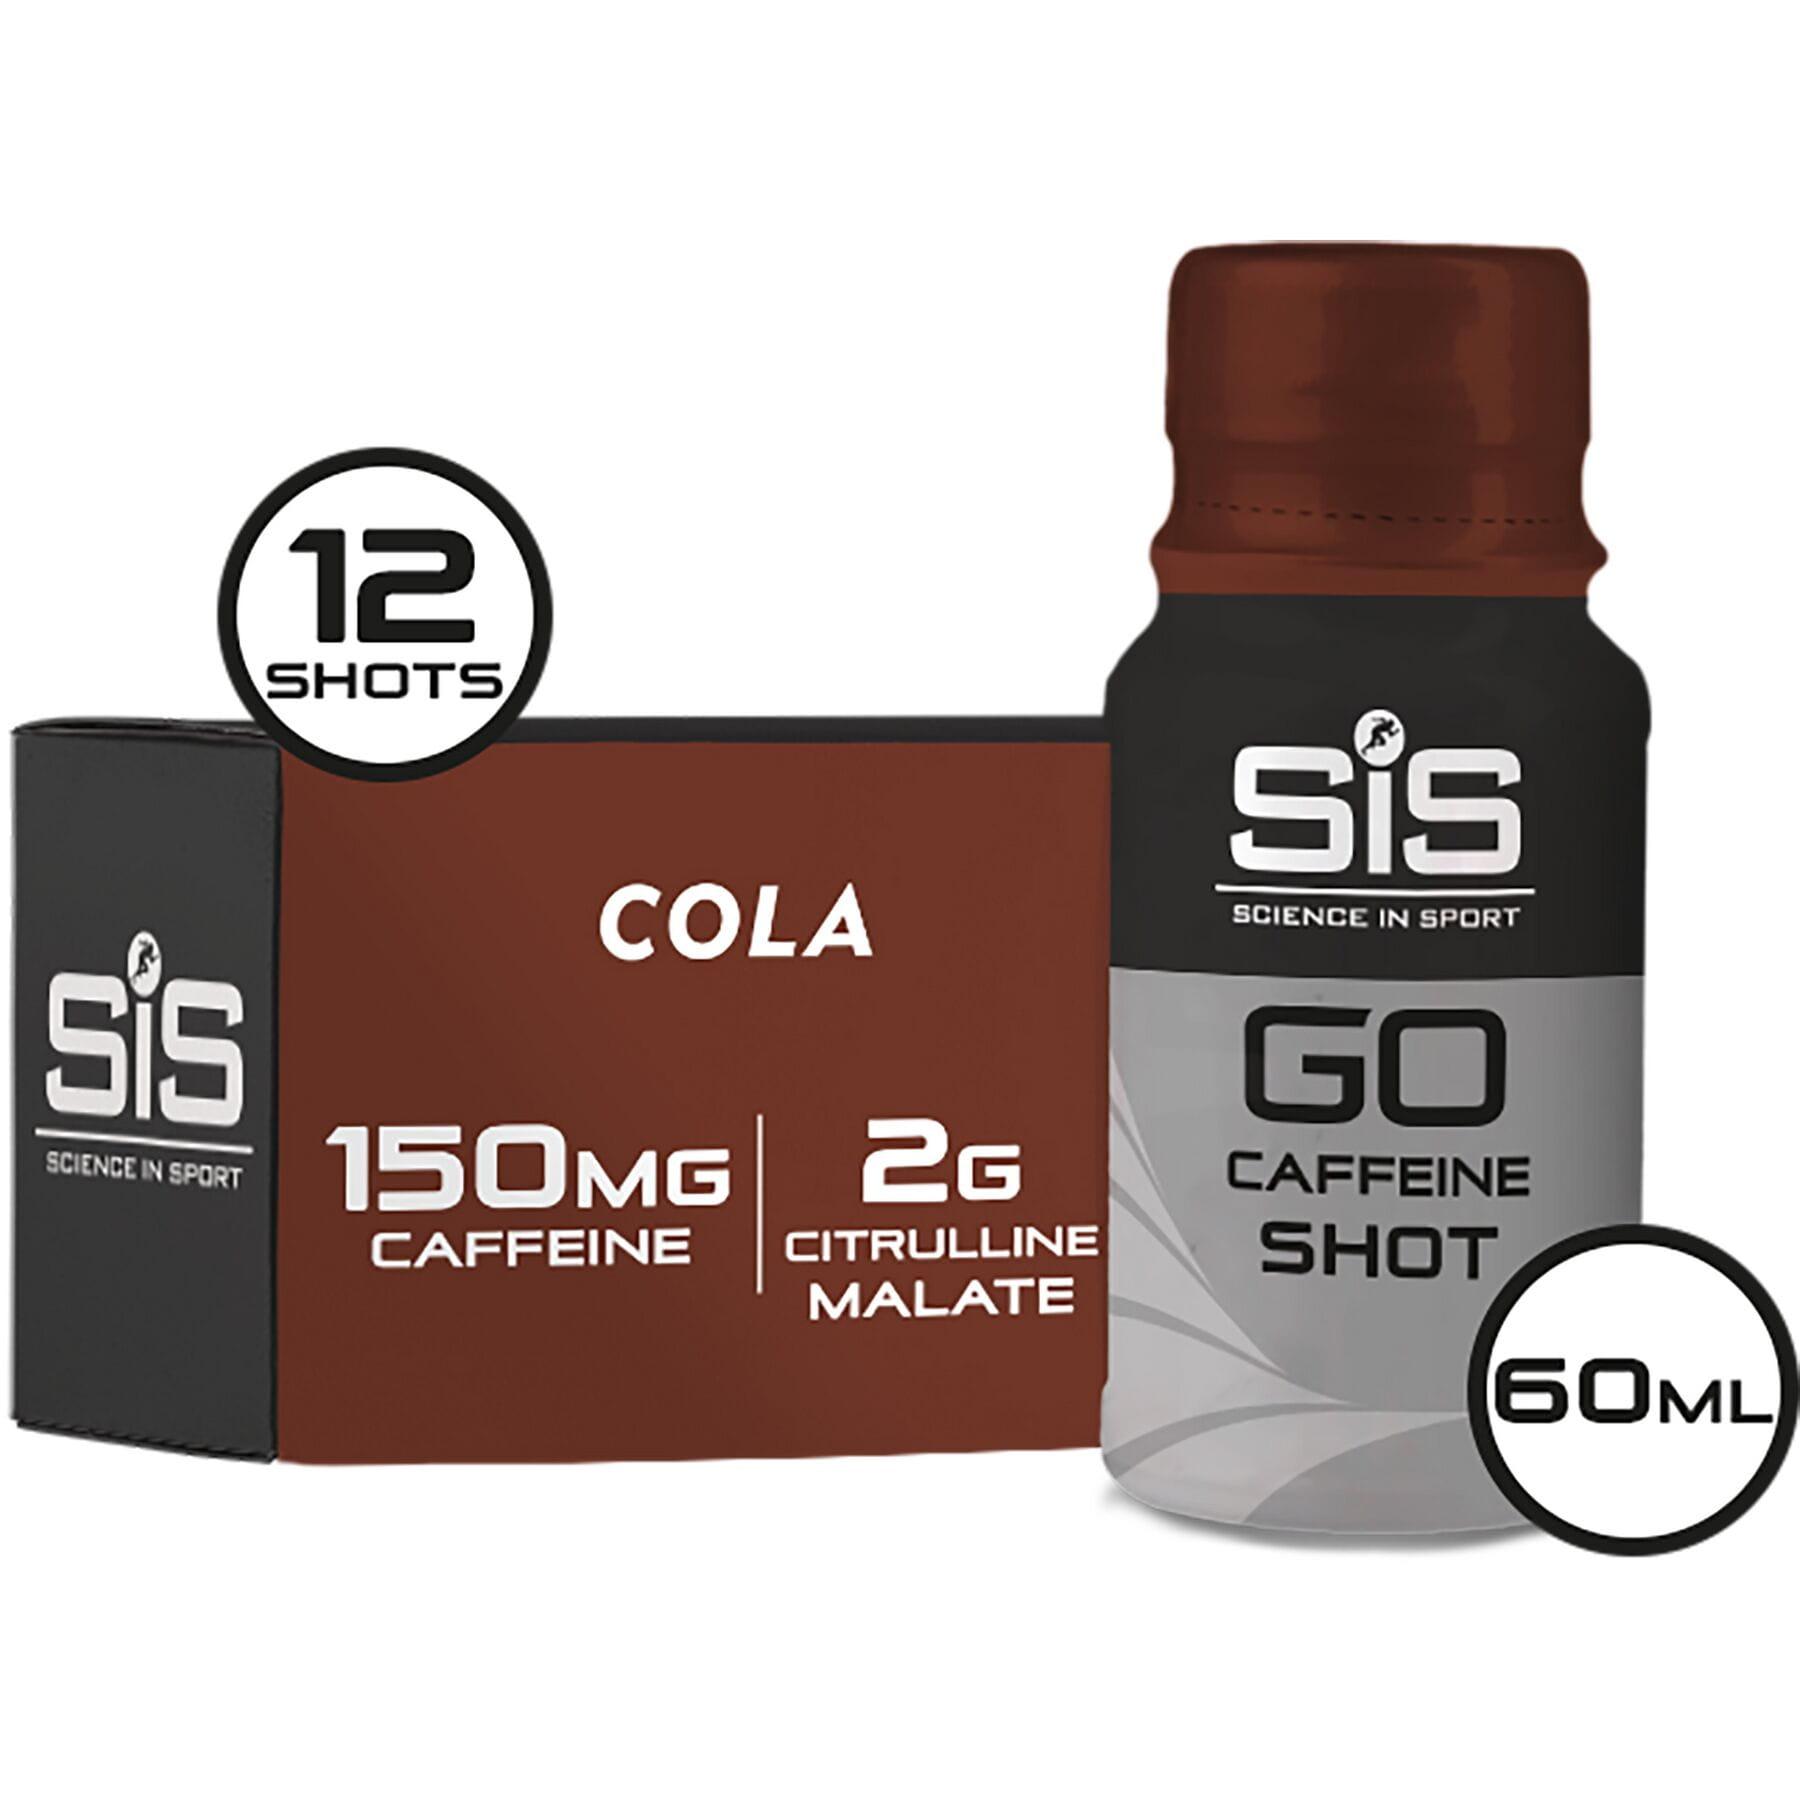 Science In Sport GO Caffeine Shot